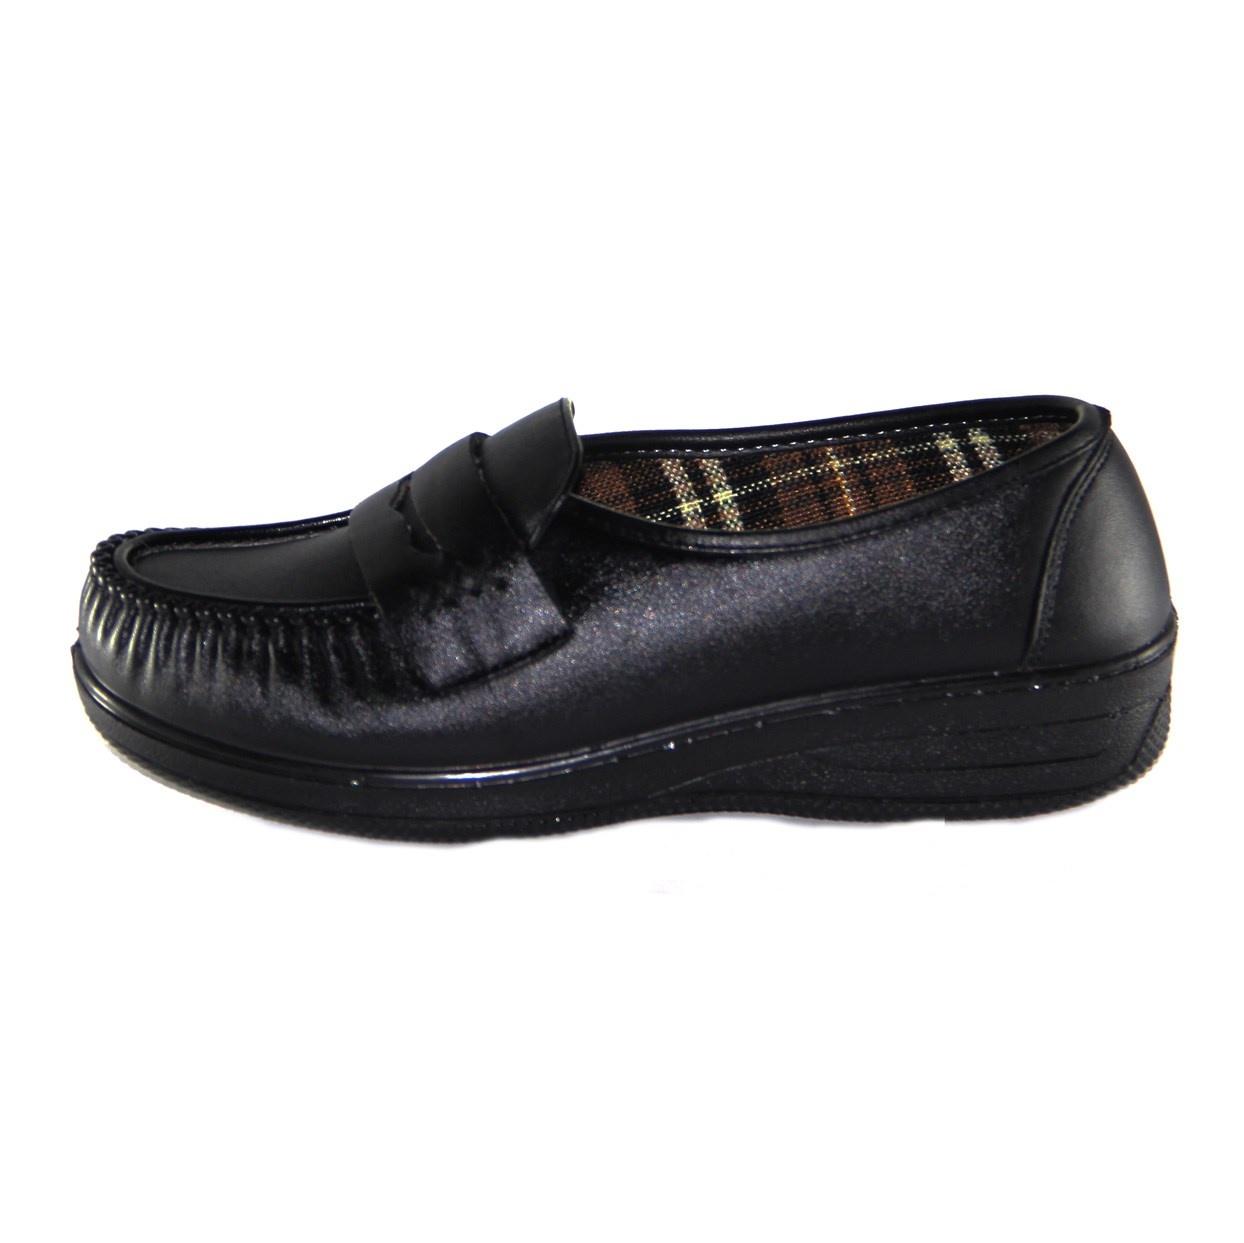 کفش تمام طبی پانیک گام نه طرح دکتر شول